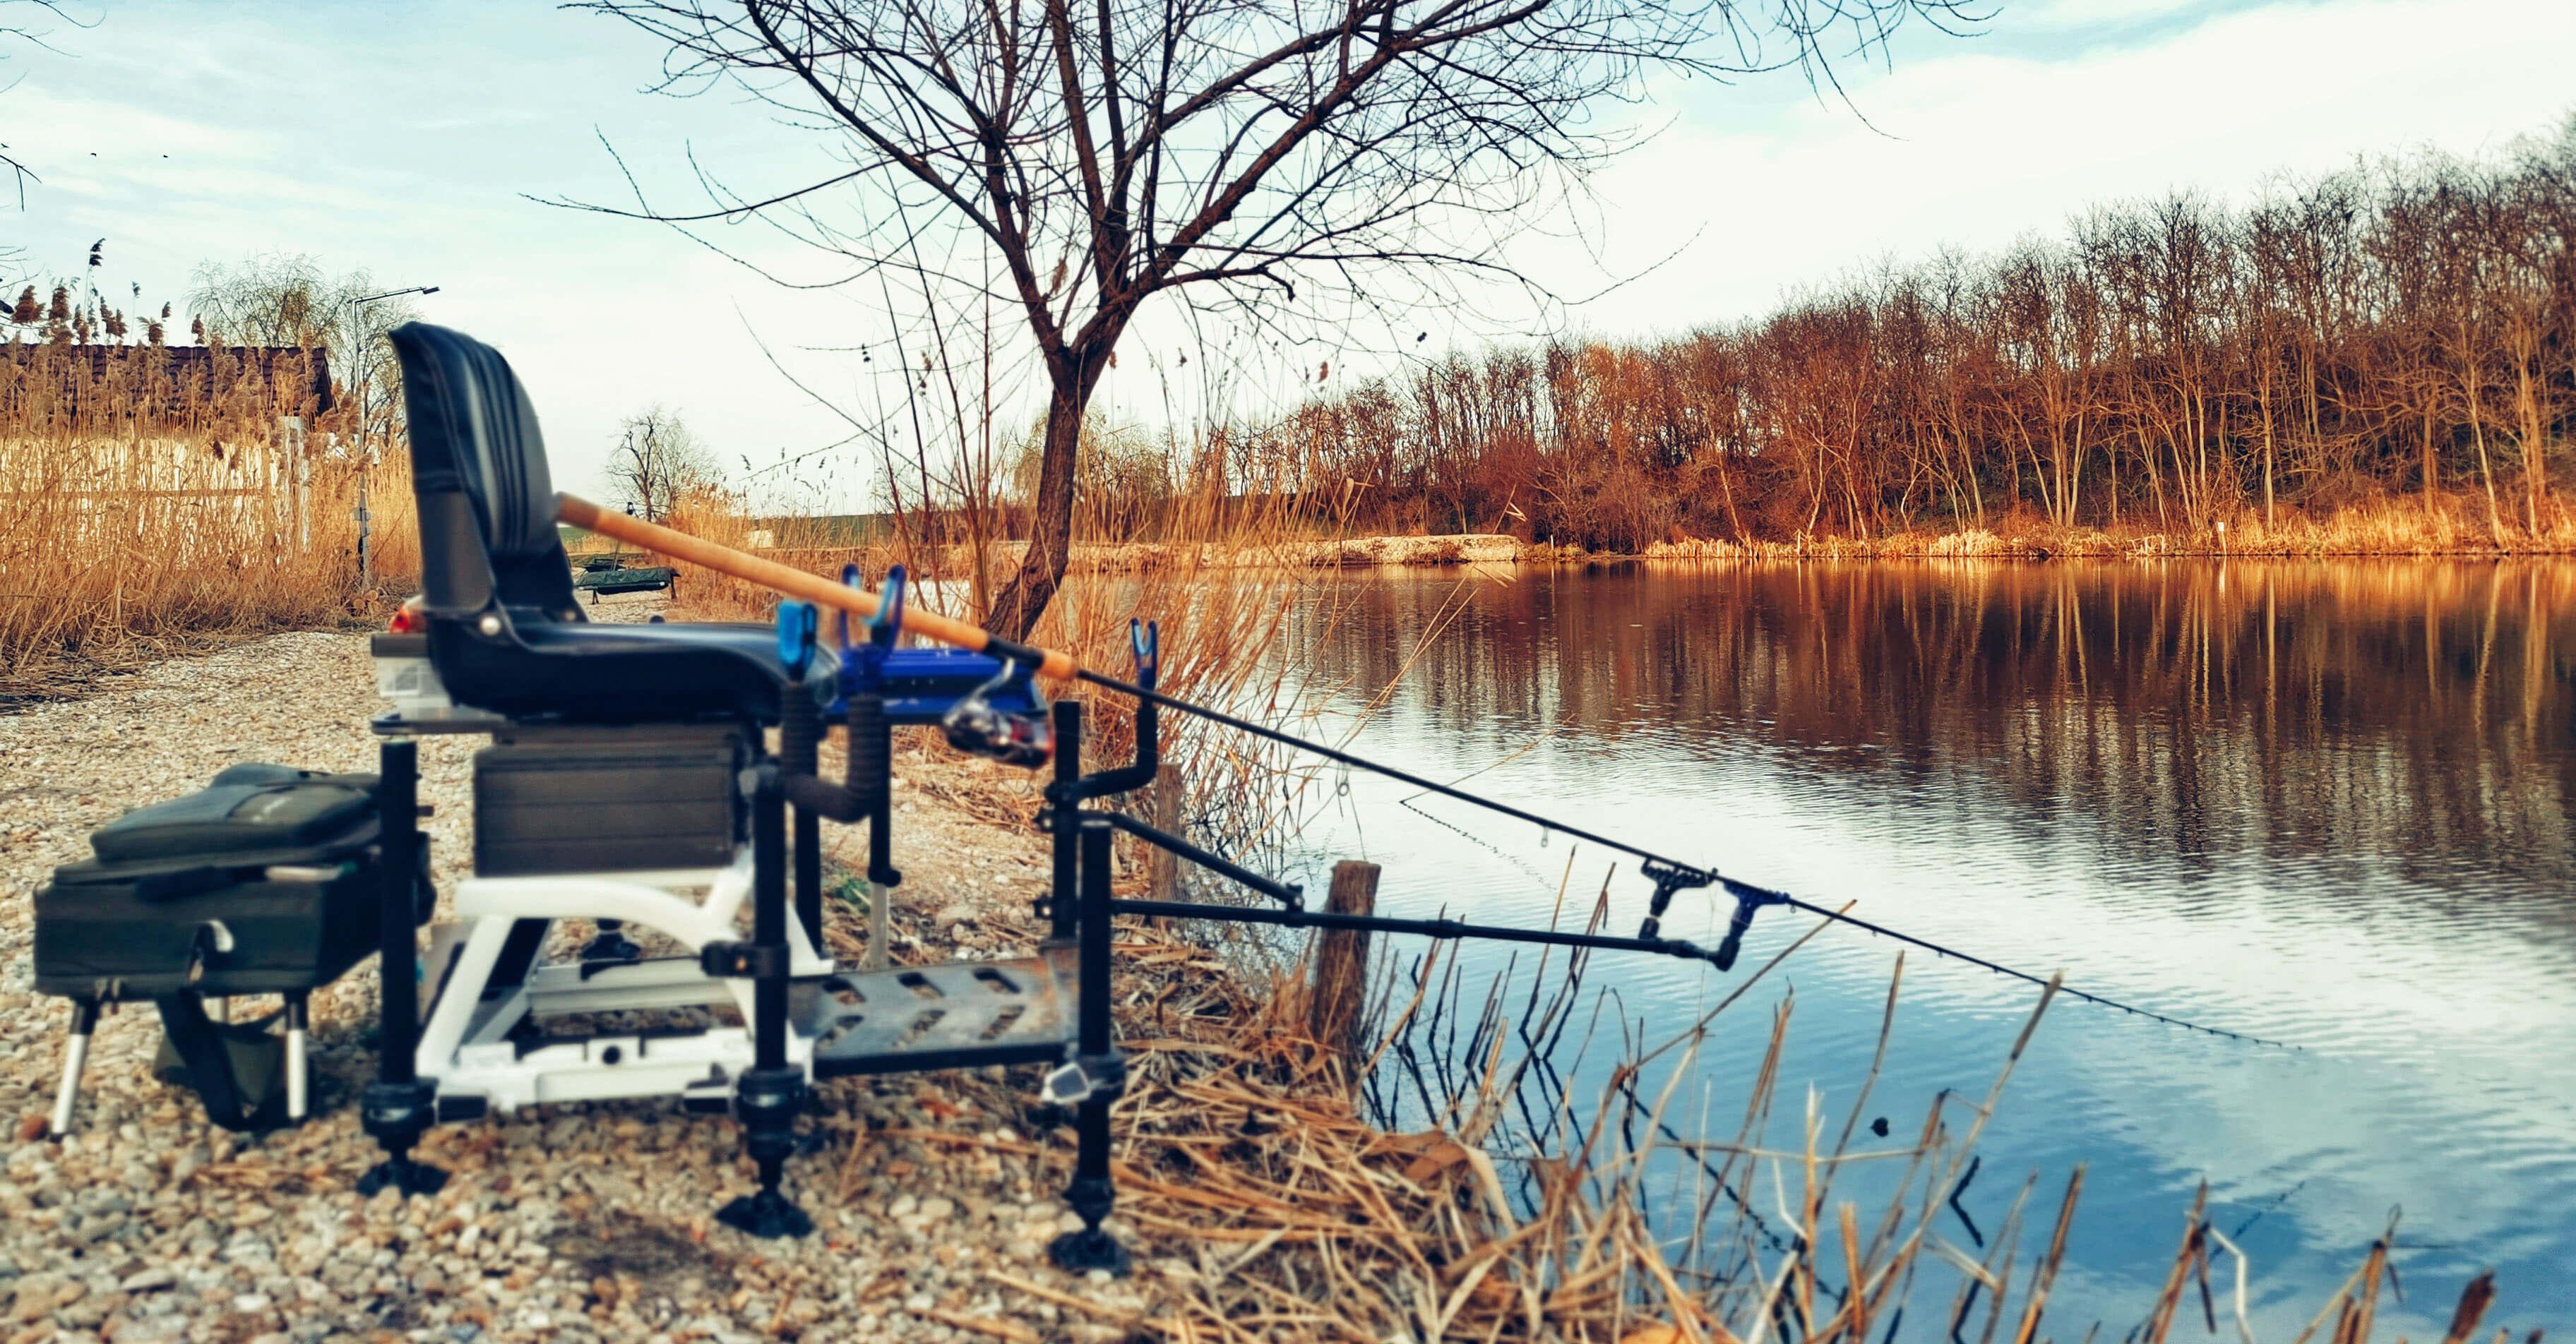 echipament pescuit la feeder pe Dyno Lake